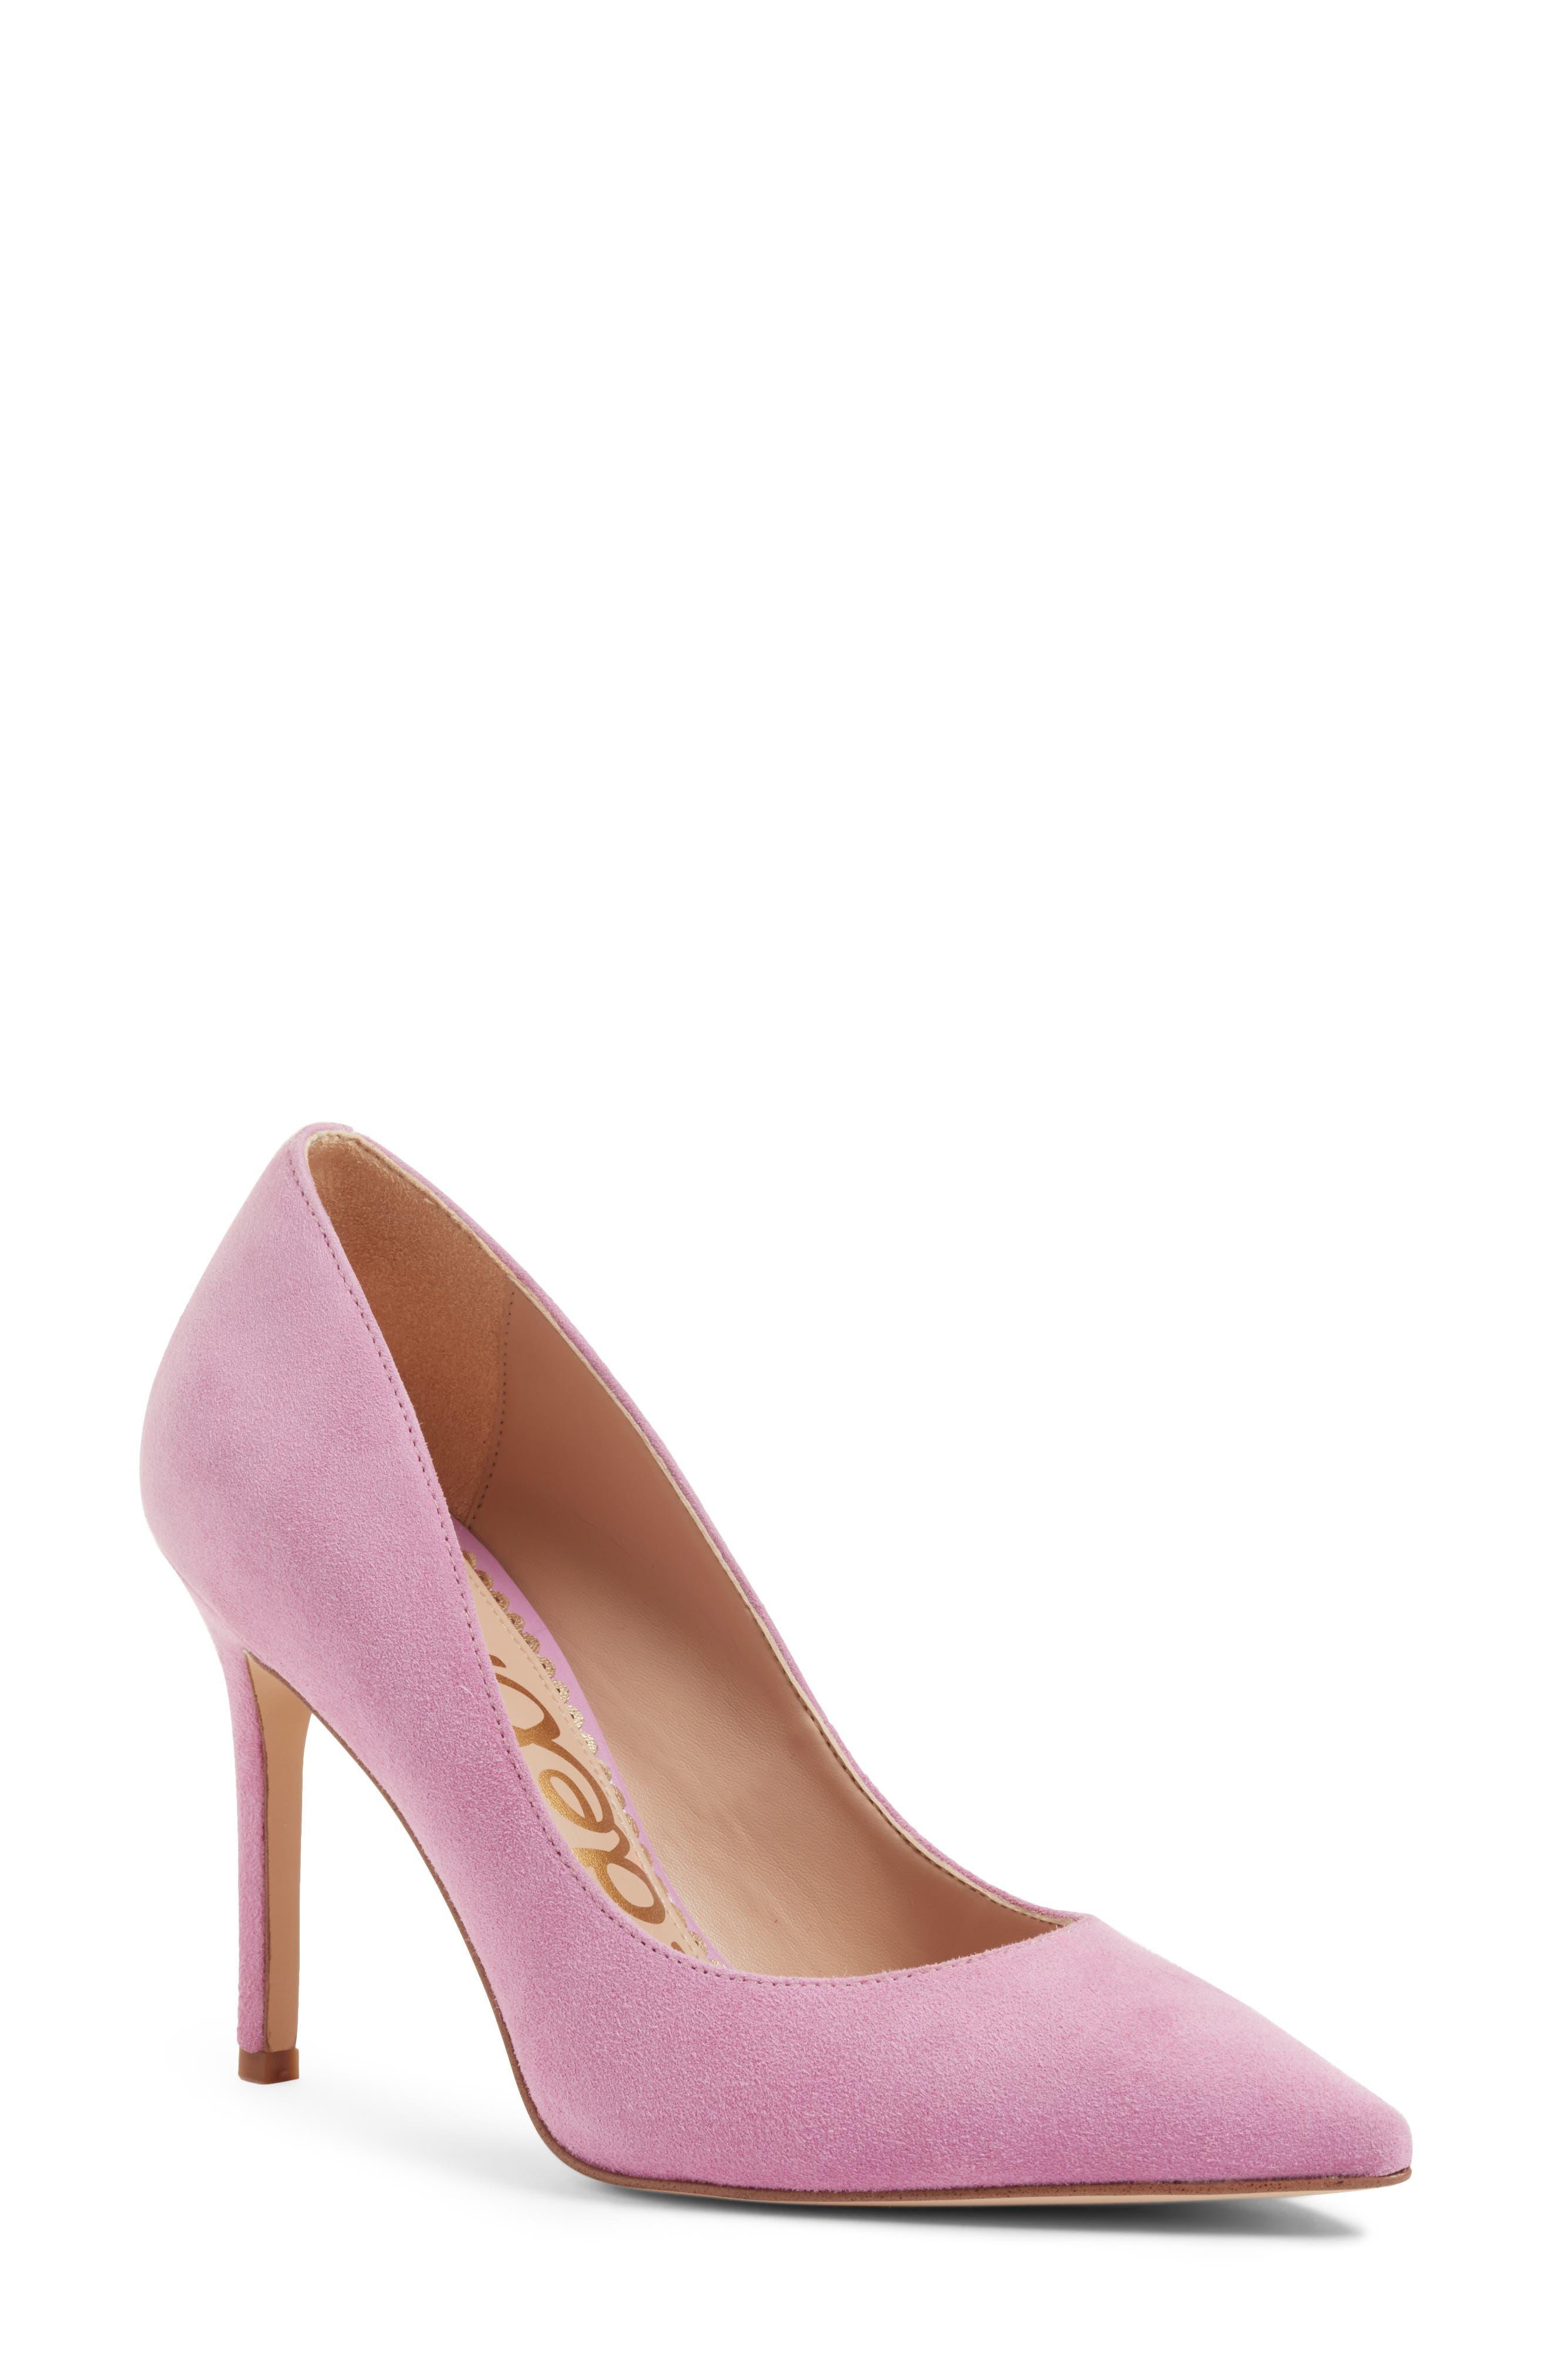 Pink Pump Heels WFMyg6jn